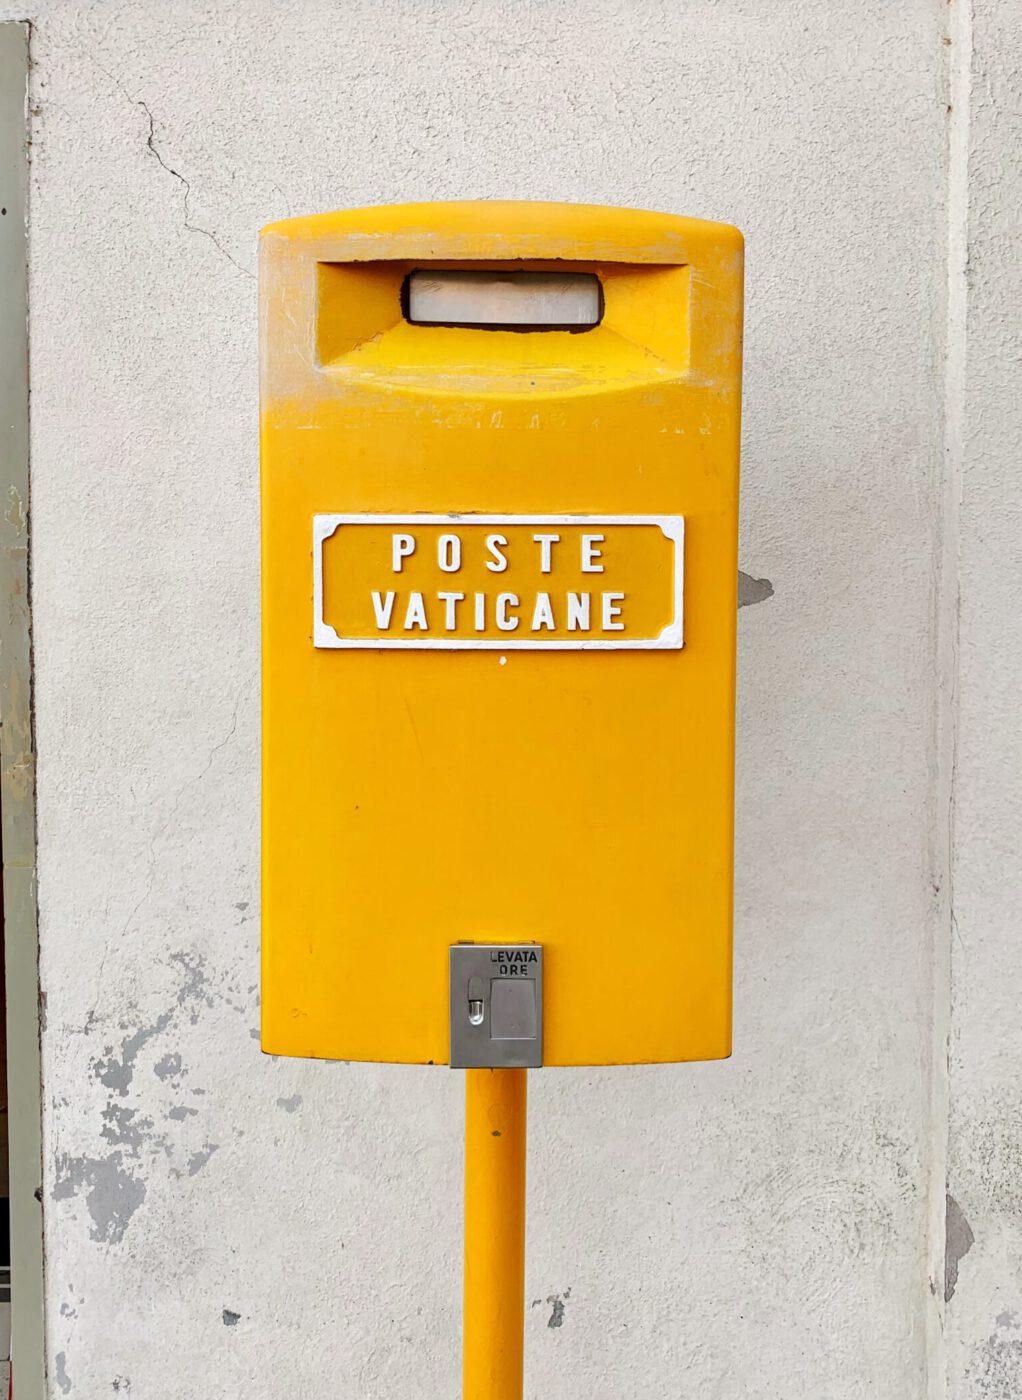 Poste Vaticane Yellow